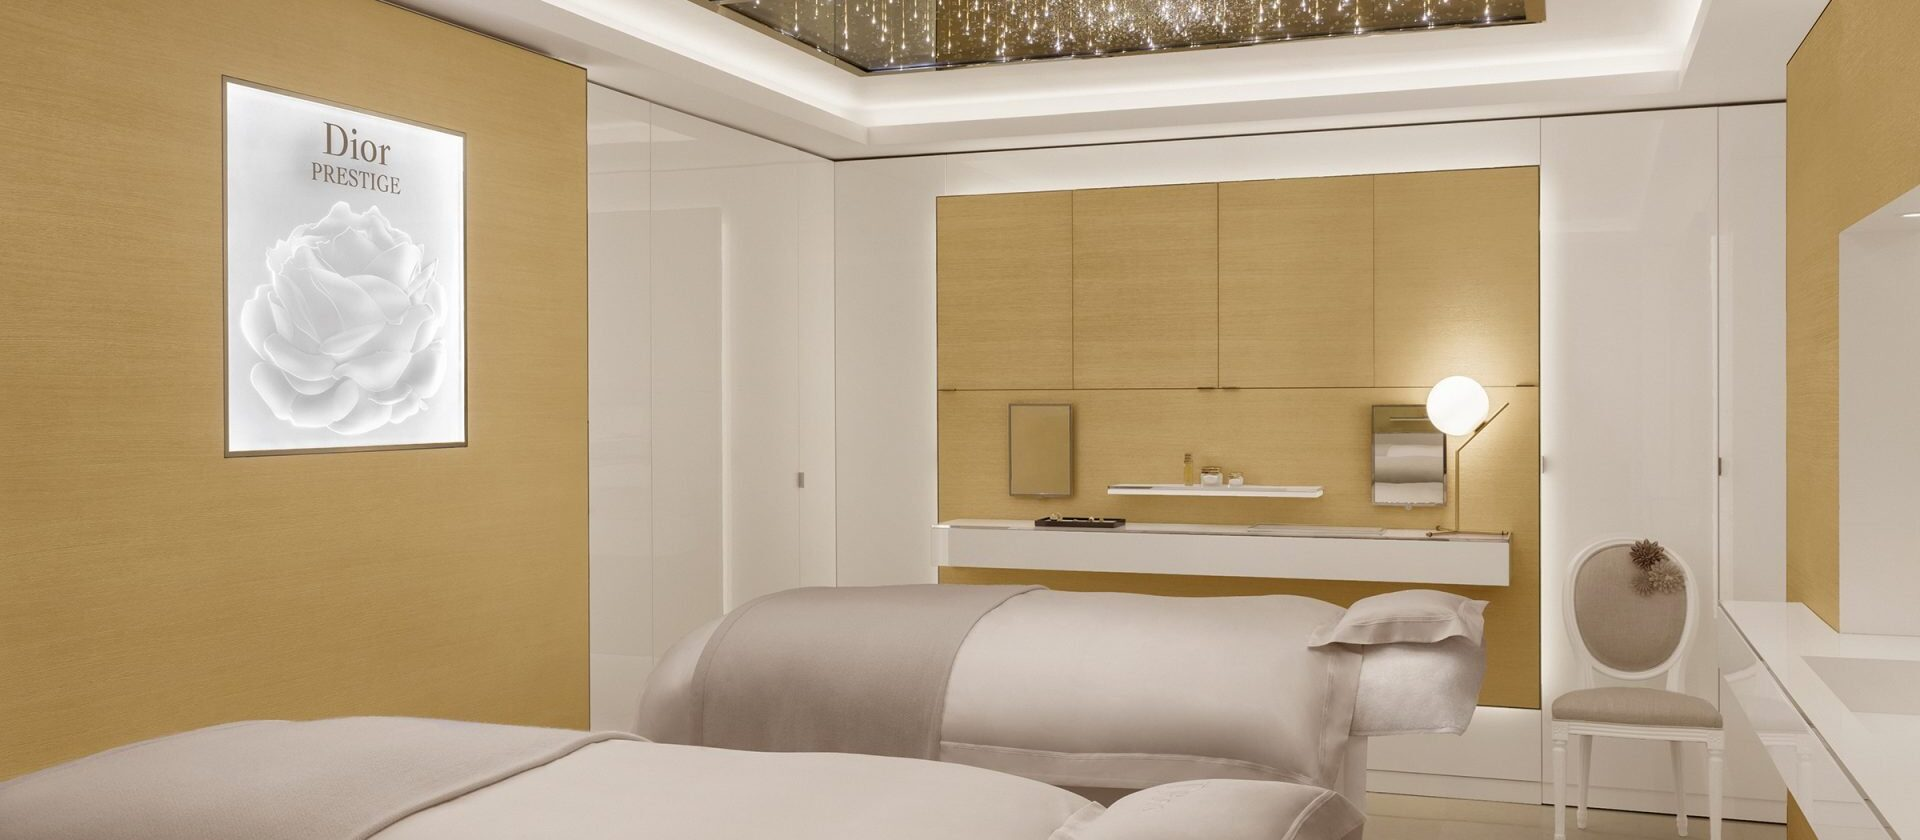 Luxury spa treatments h tel plaza ath n e dorchester - Salon prestige organza ...